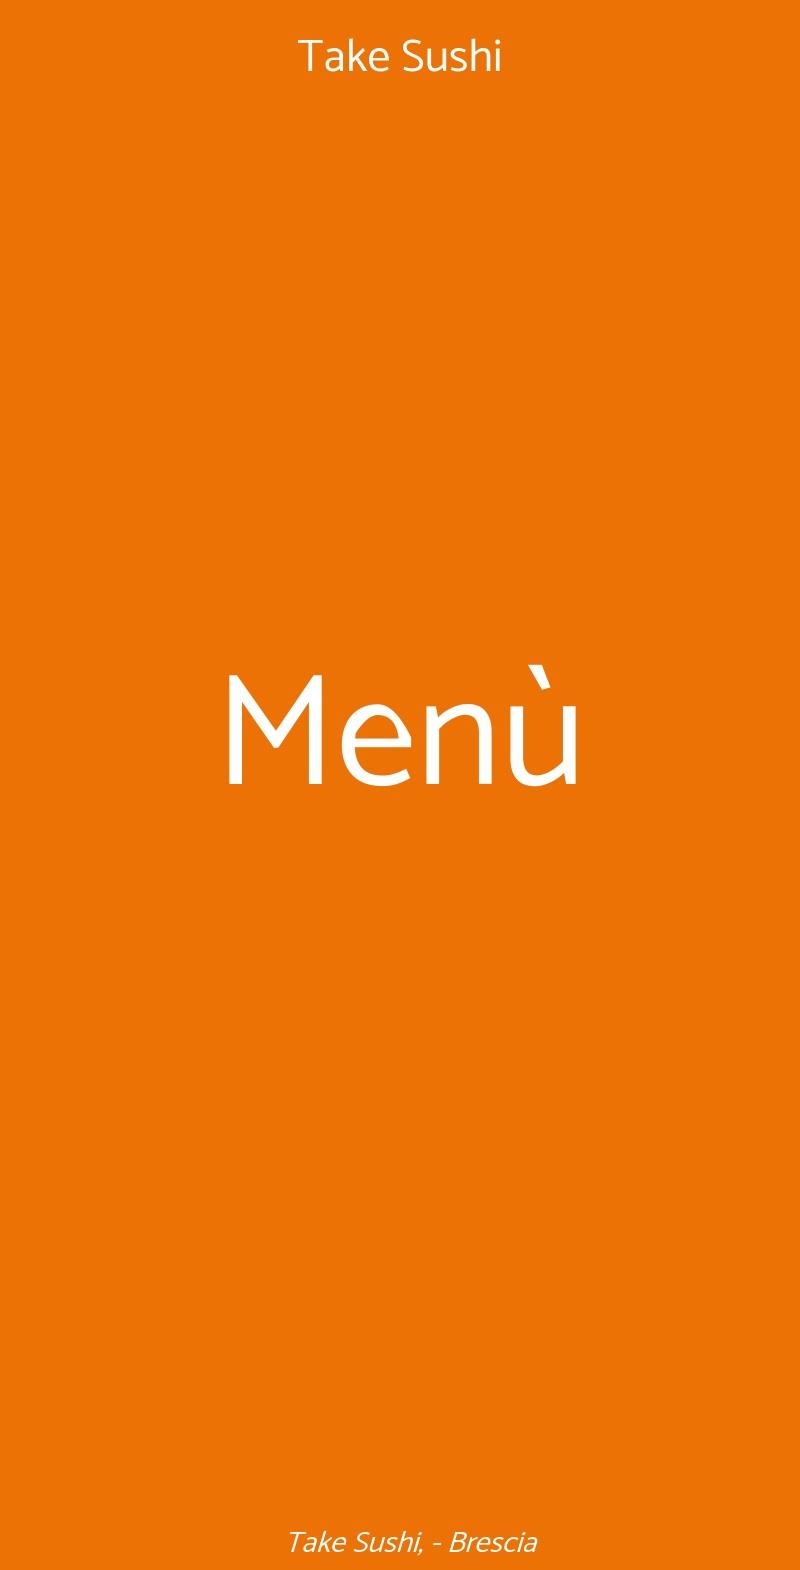 Take Sushi Brescia menù 1 pagina